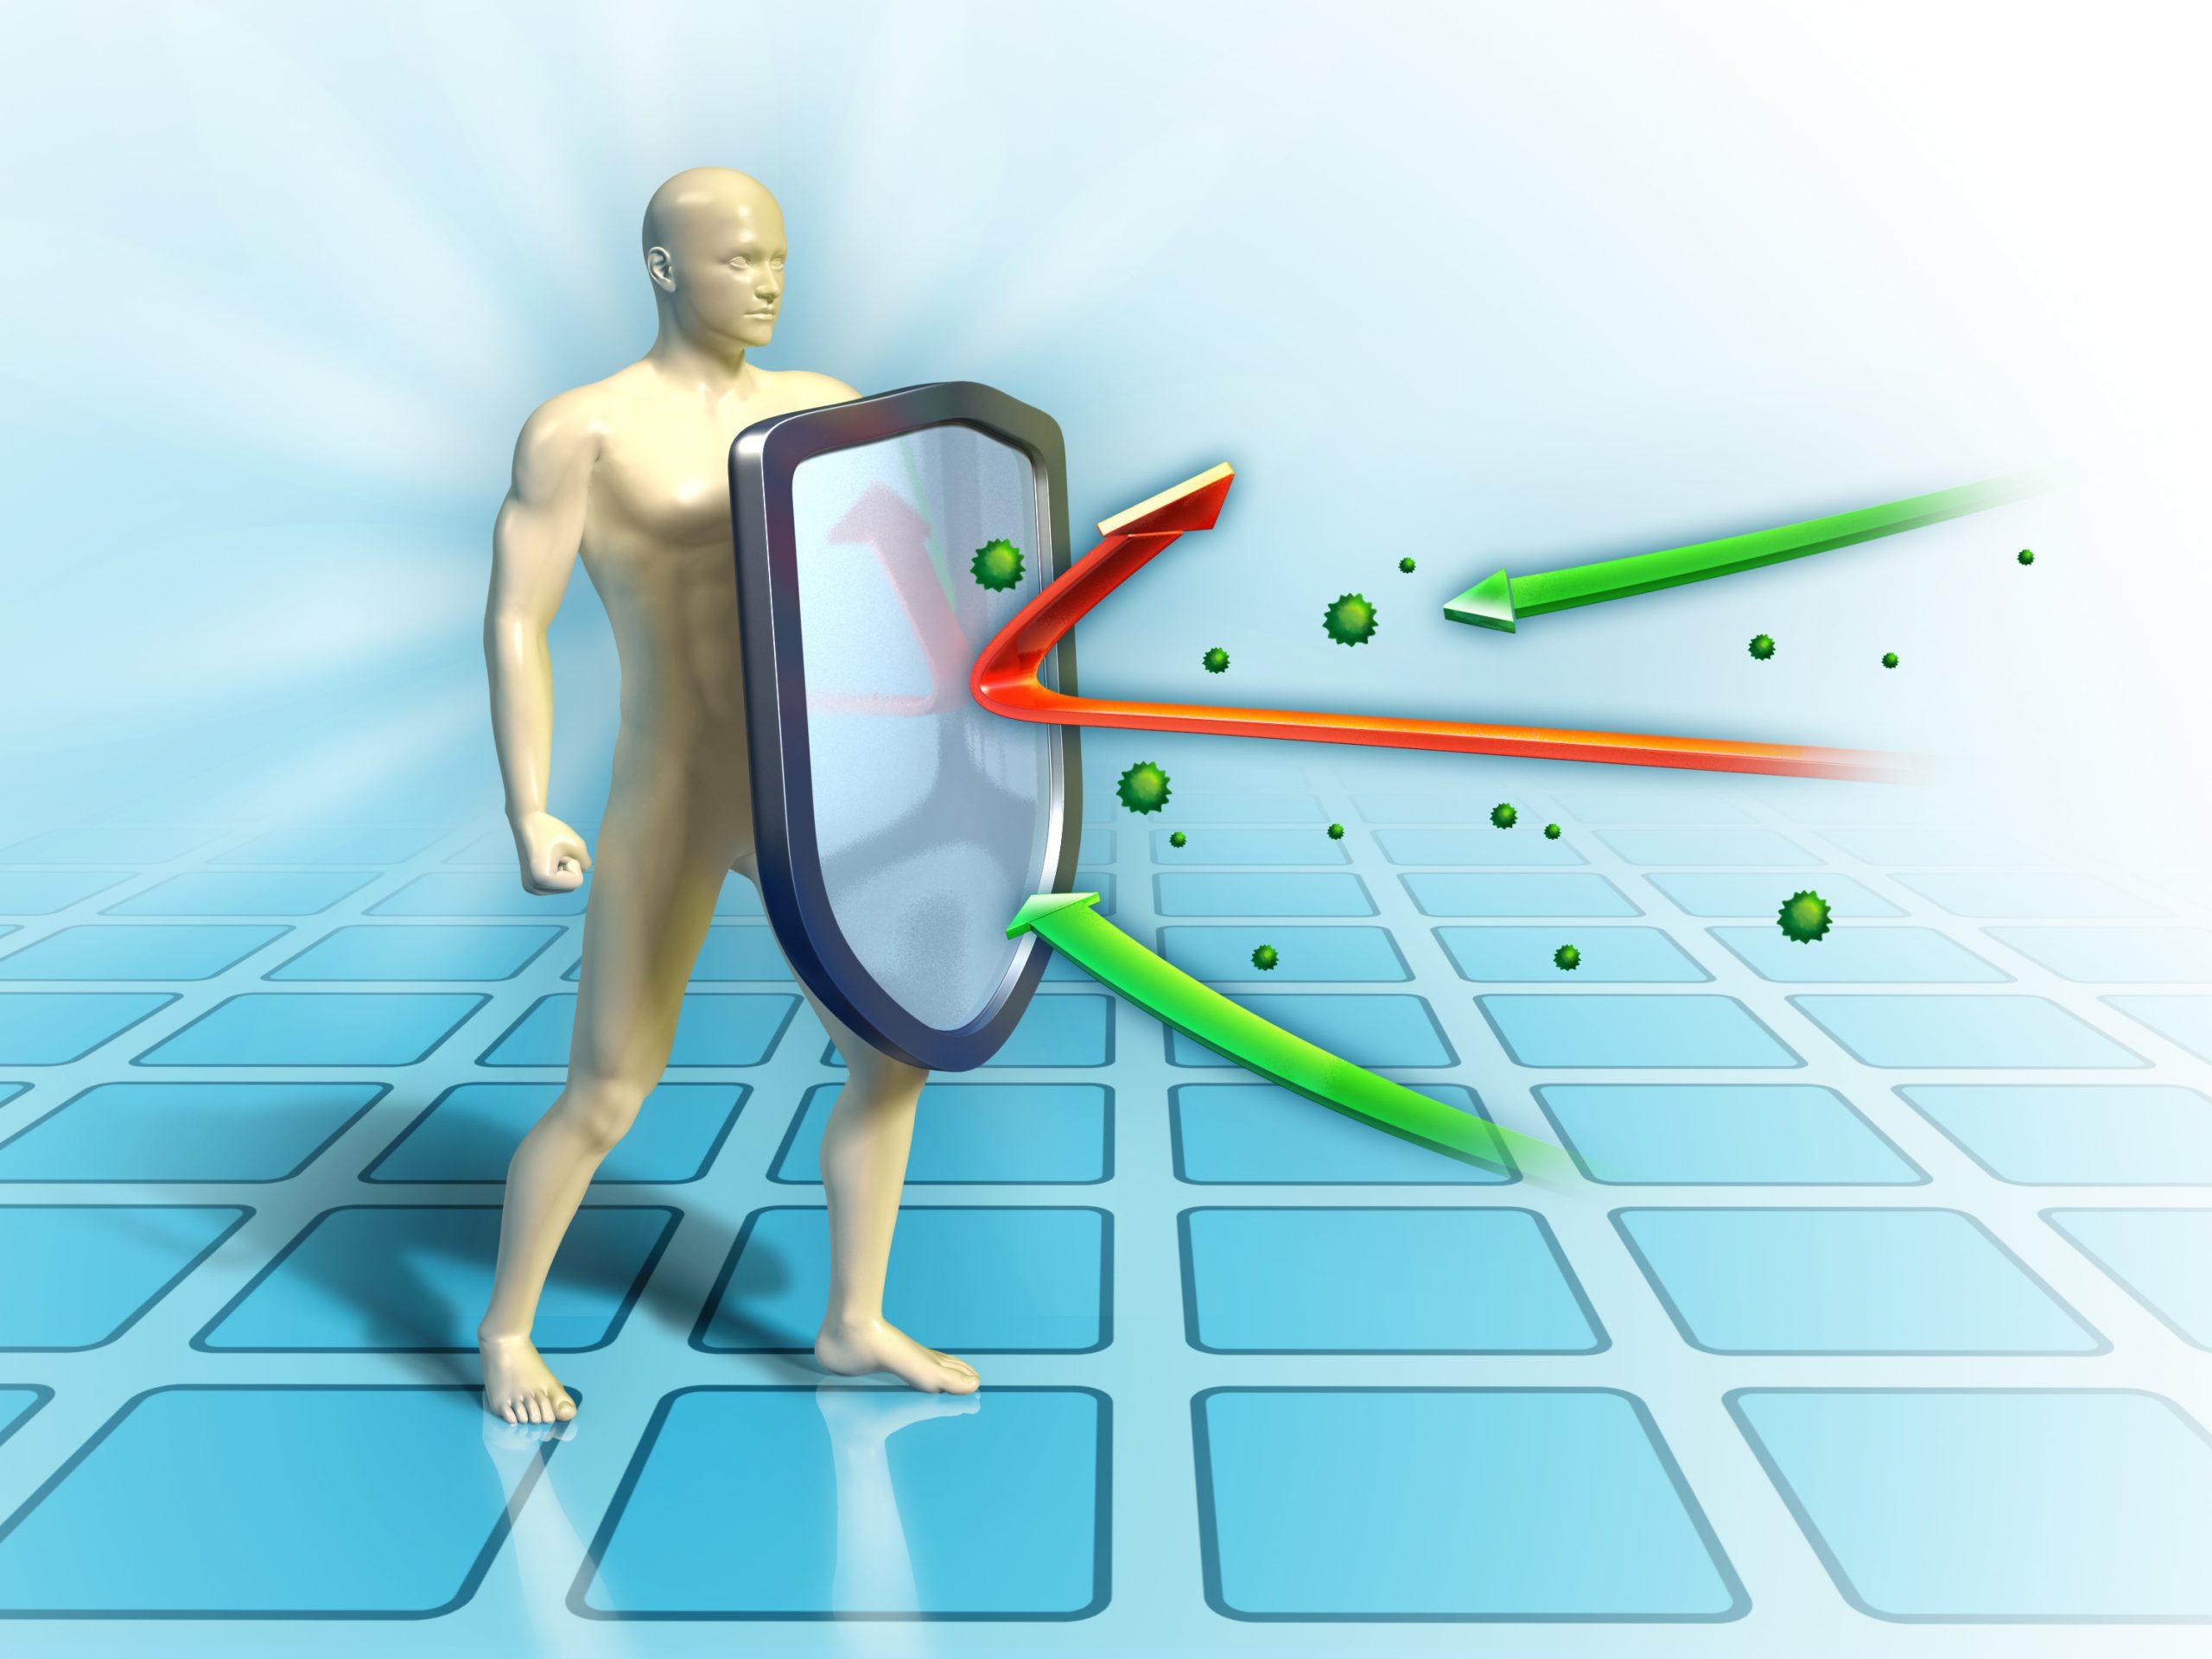 Come aumentare le difese immunitarie? I consigli del dr. Passaler